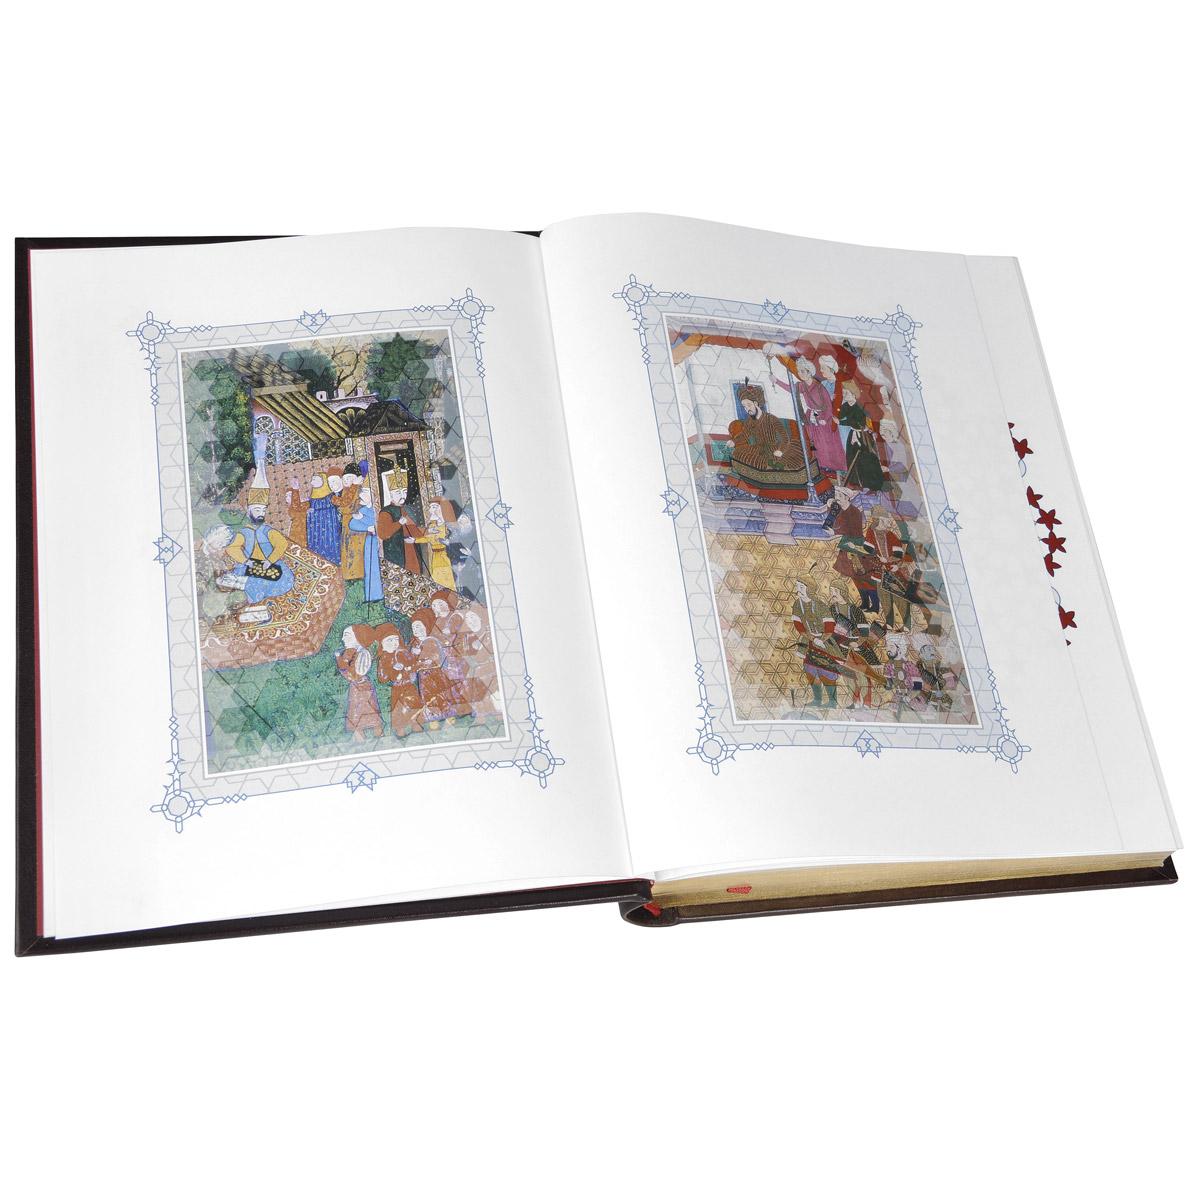 Империя тюркских воинов. История великой цивилизации (эксклюзивное подарочное издание), Рустан Рахманалиев